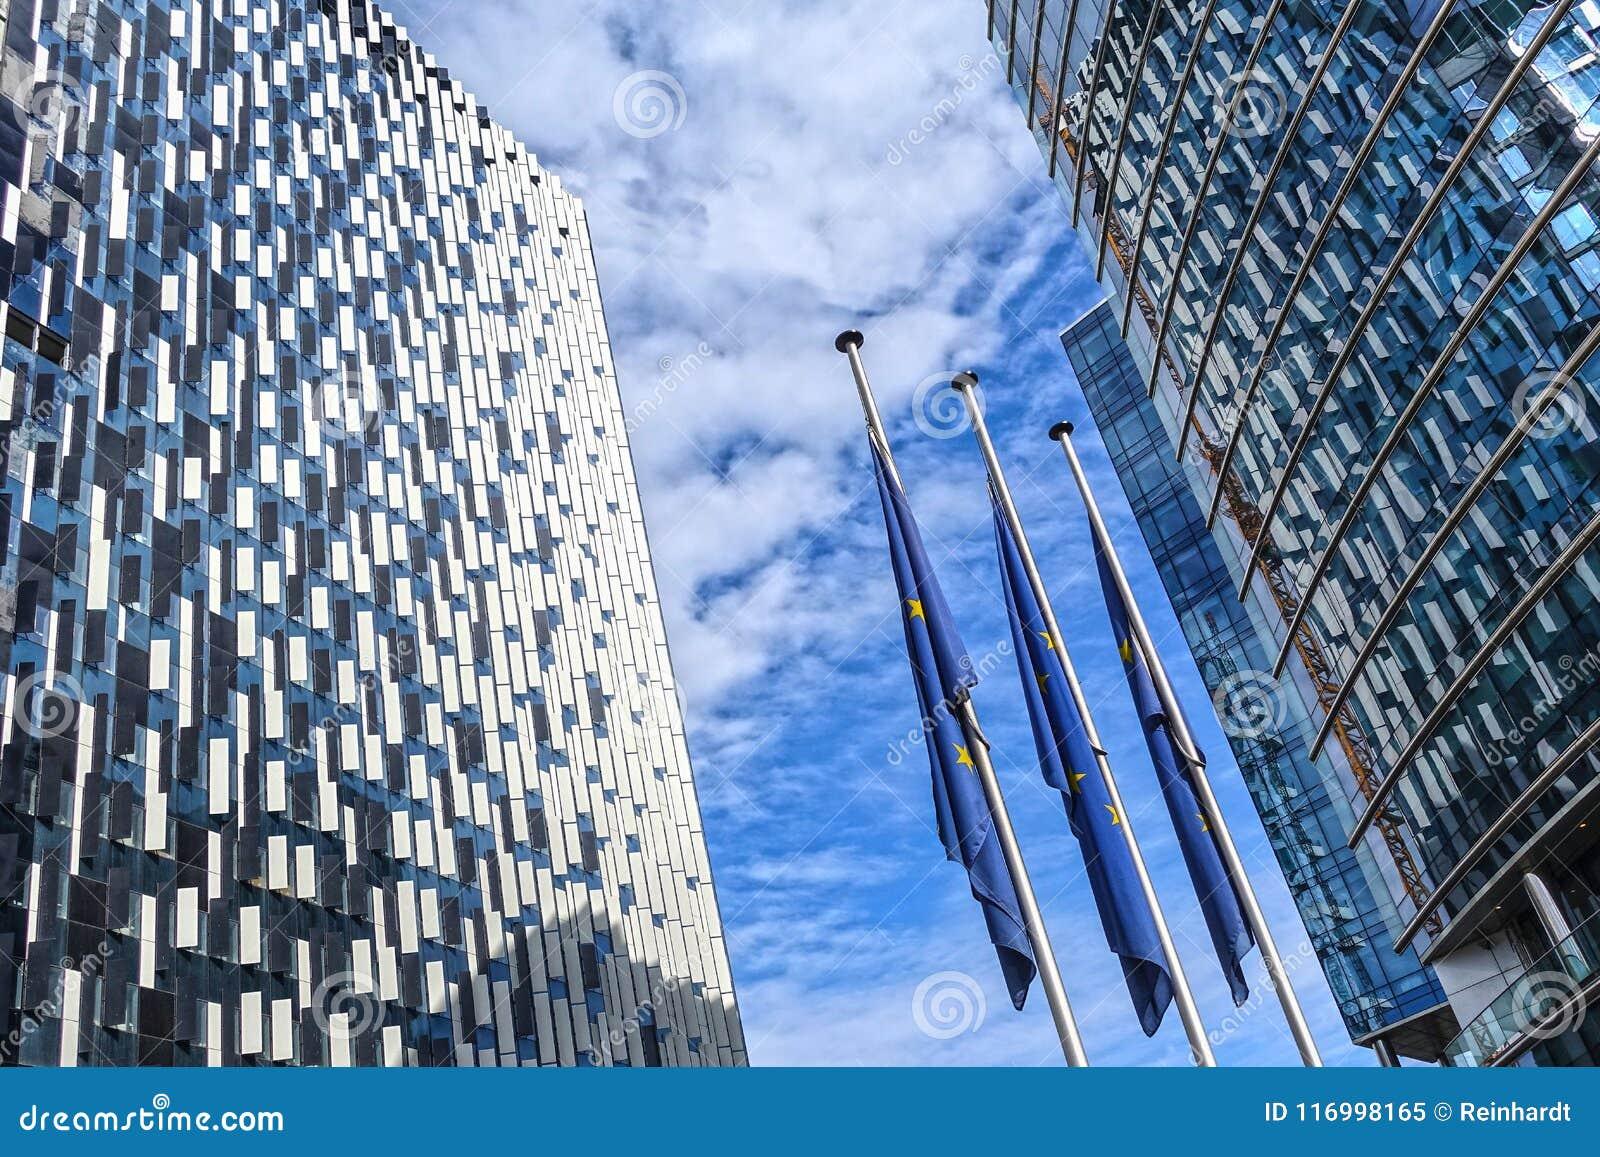 Brüssel, Architektur, DAS EIN BRÜSSEL Redaktionelles Bild - Bild von ...